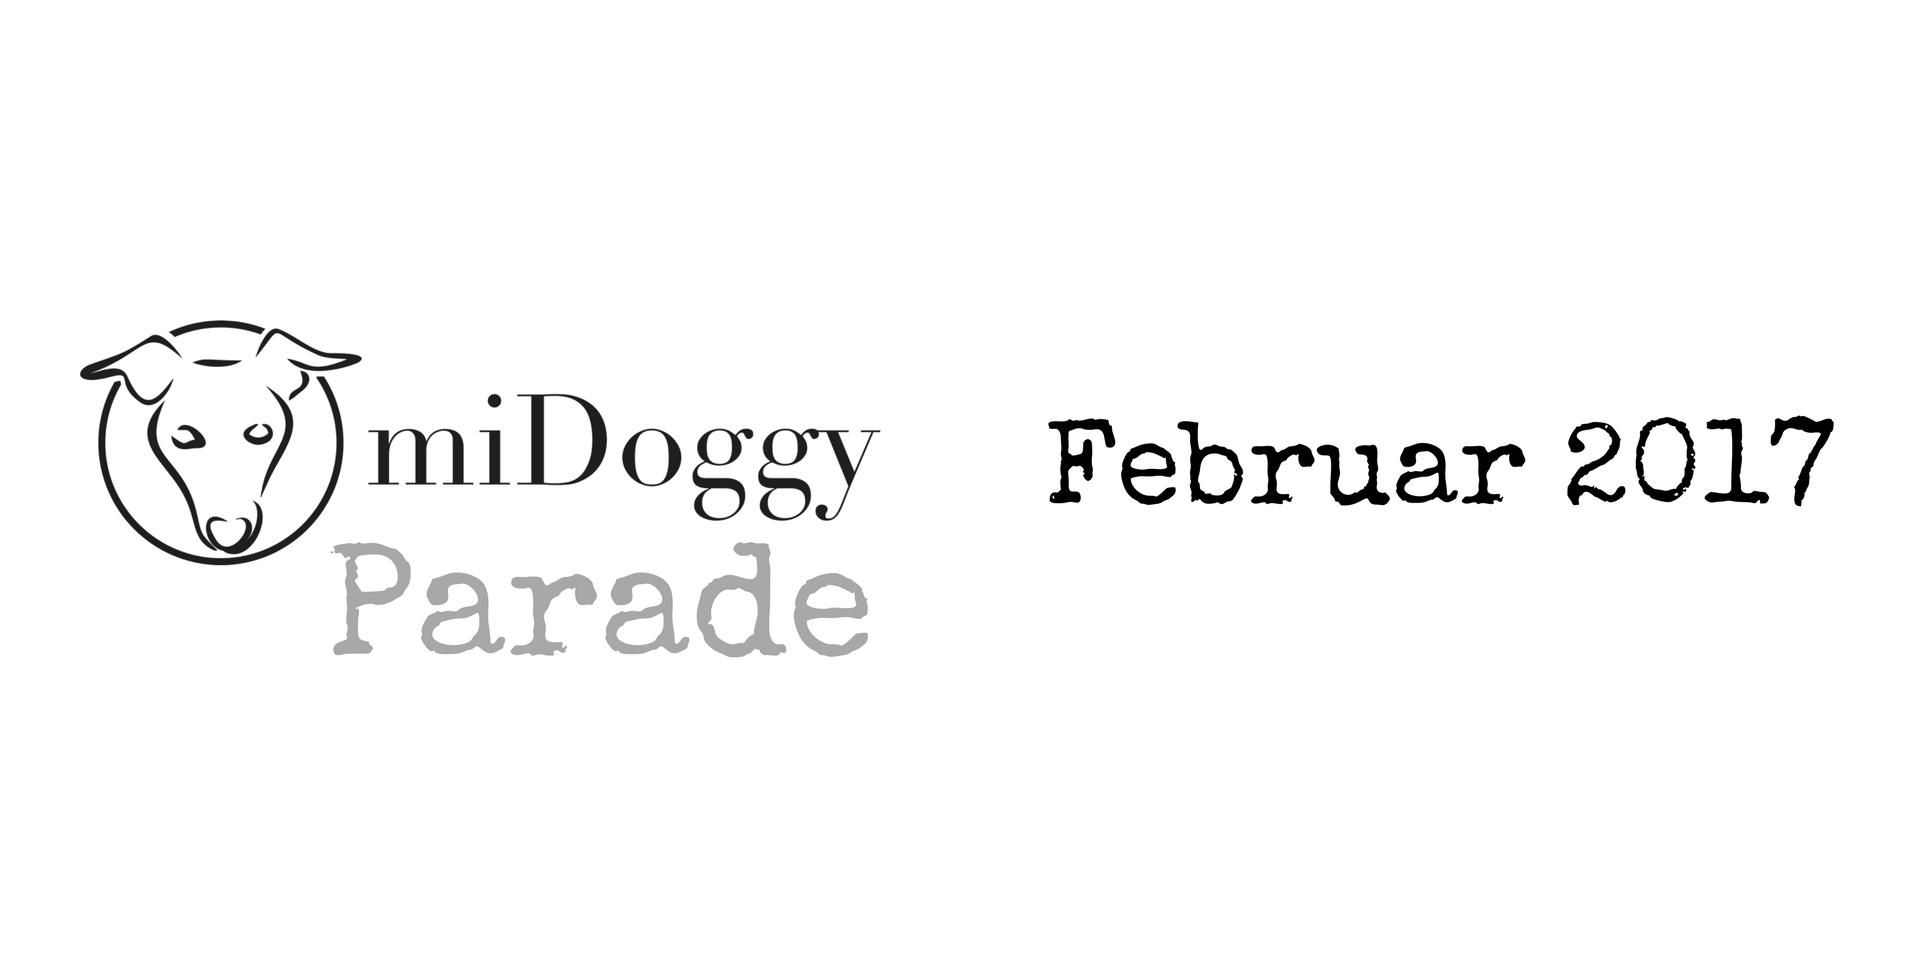 miDoggy Parade Blogparade Hundeblogger Februar 2017